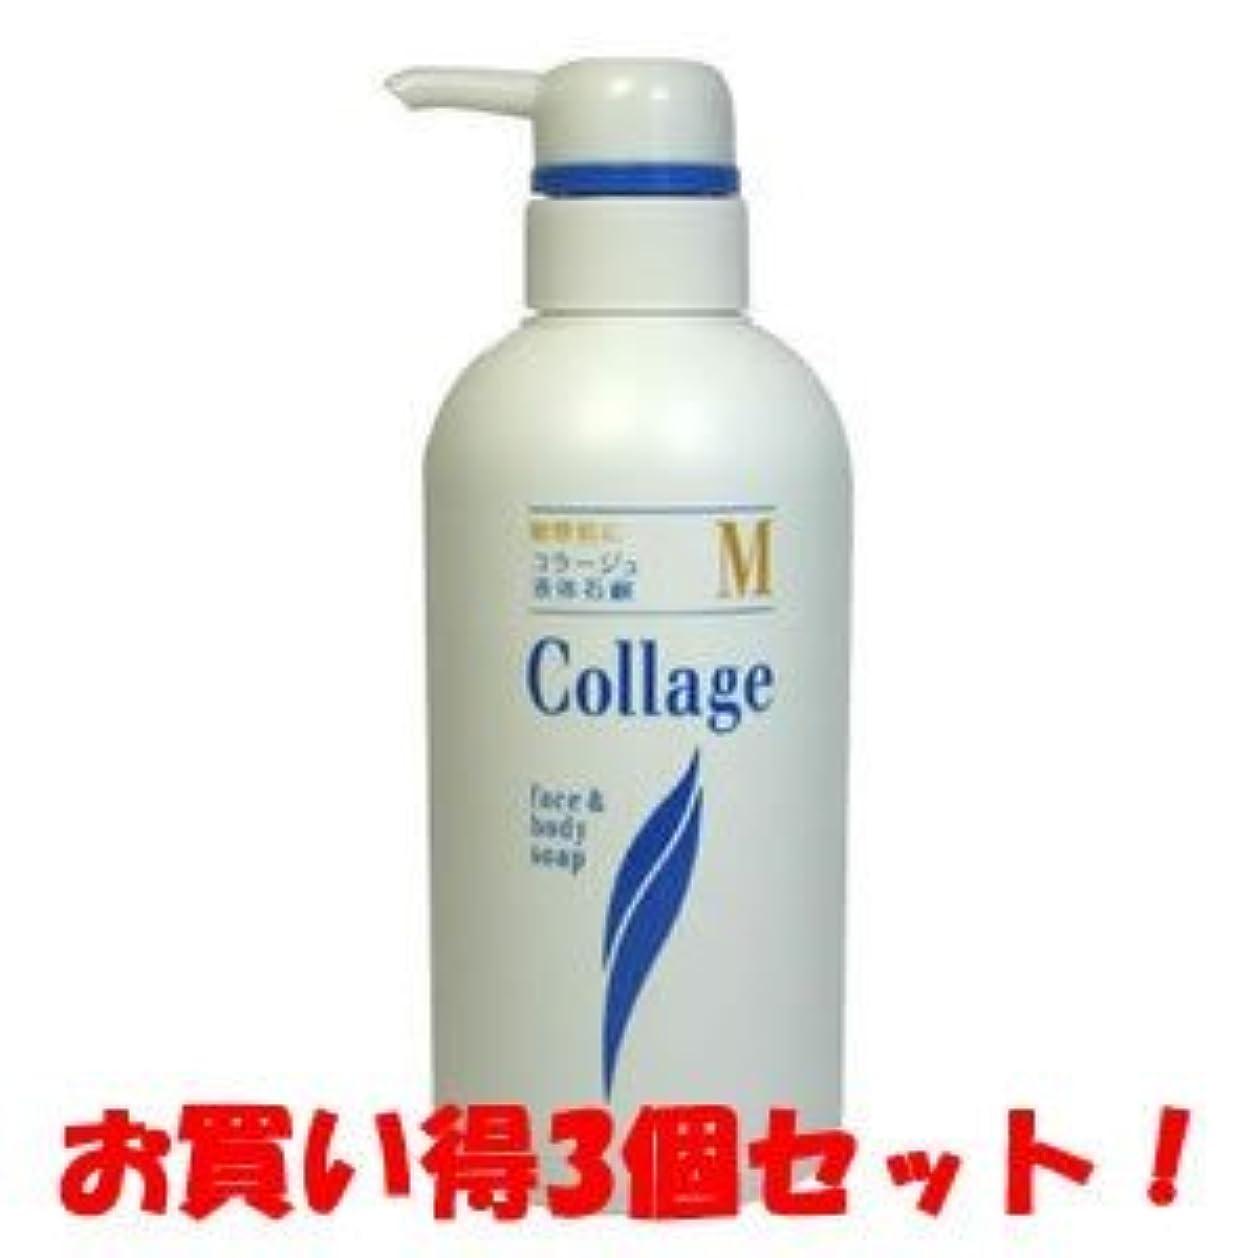 光沢のあるリル磁石(持田ヘルスケア)コラージュM 液体石鹸 敏感肌 400ml(お買い得3個セット)